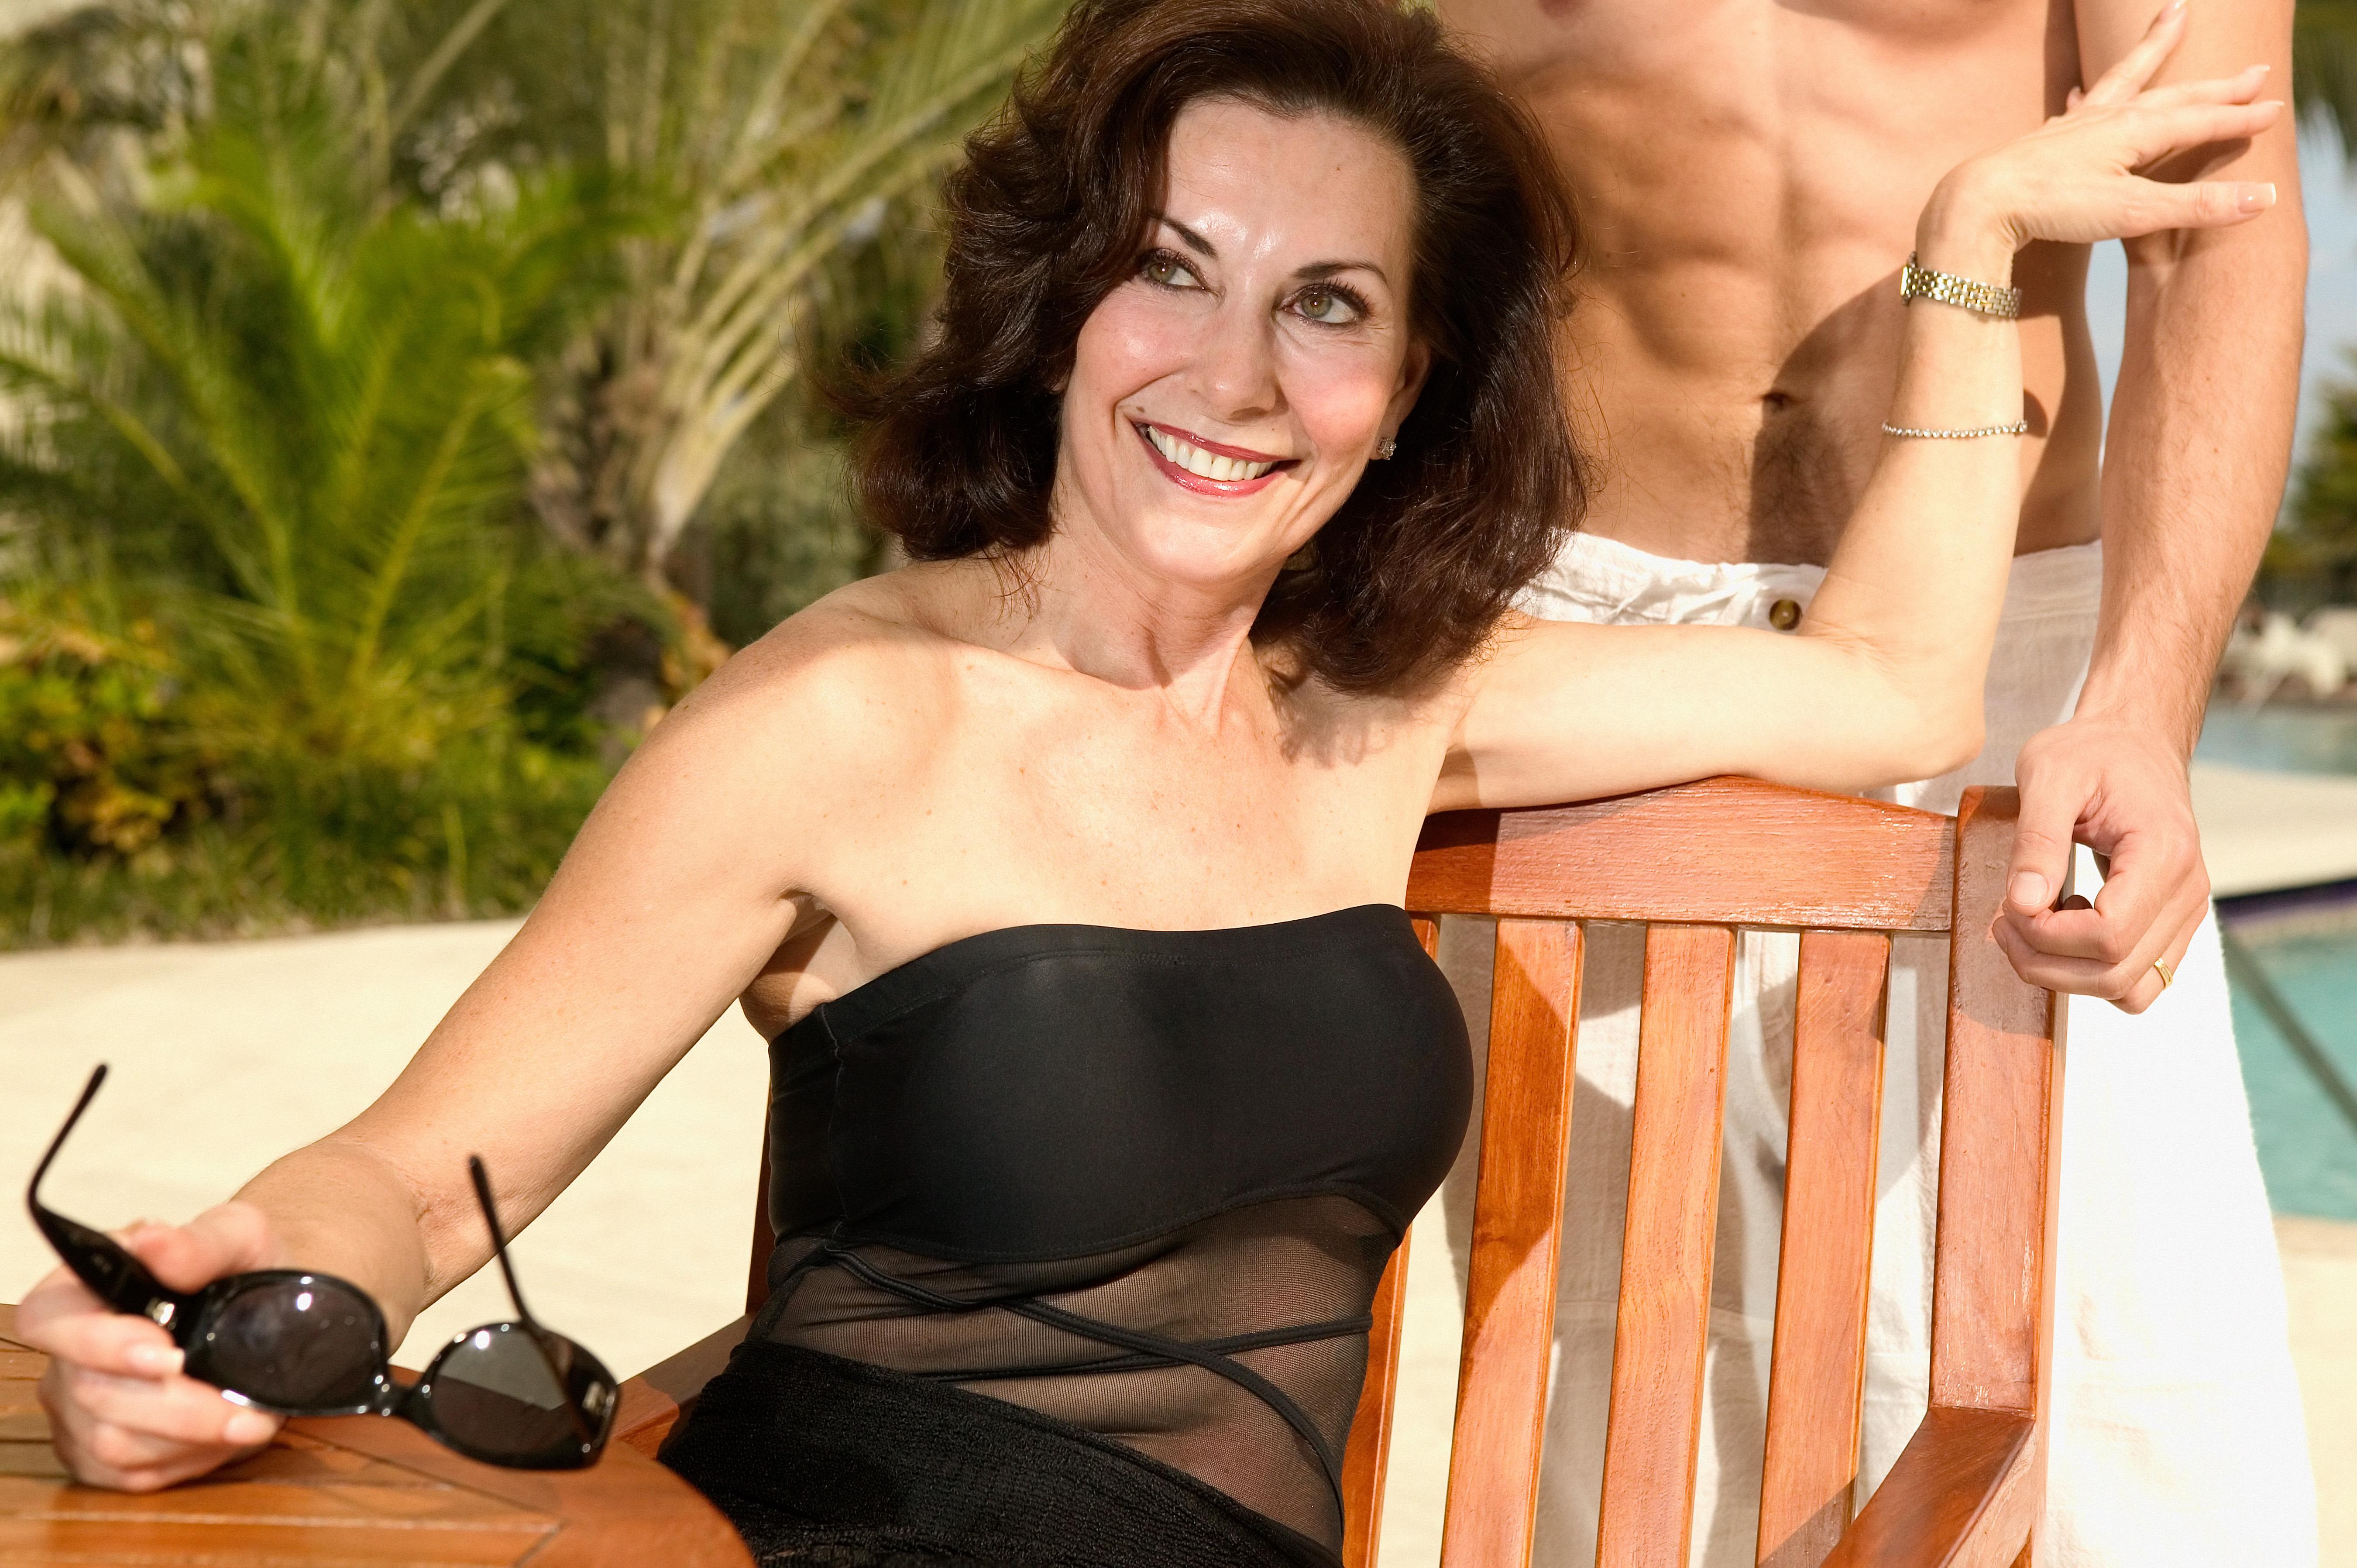 Фото дам в возрасте смотреть бесплатно, Зрелые женщины: порно фото на Возбуждает! 10 фотография